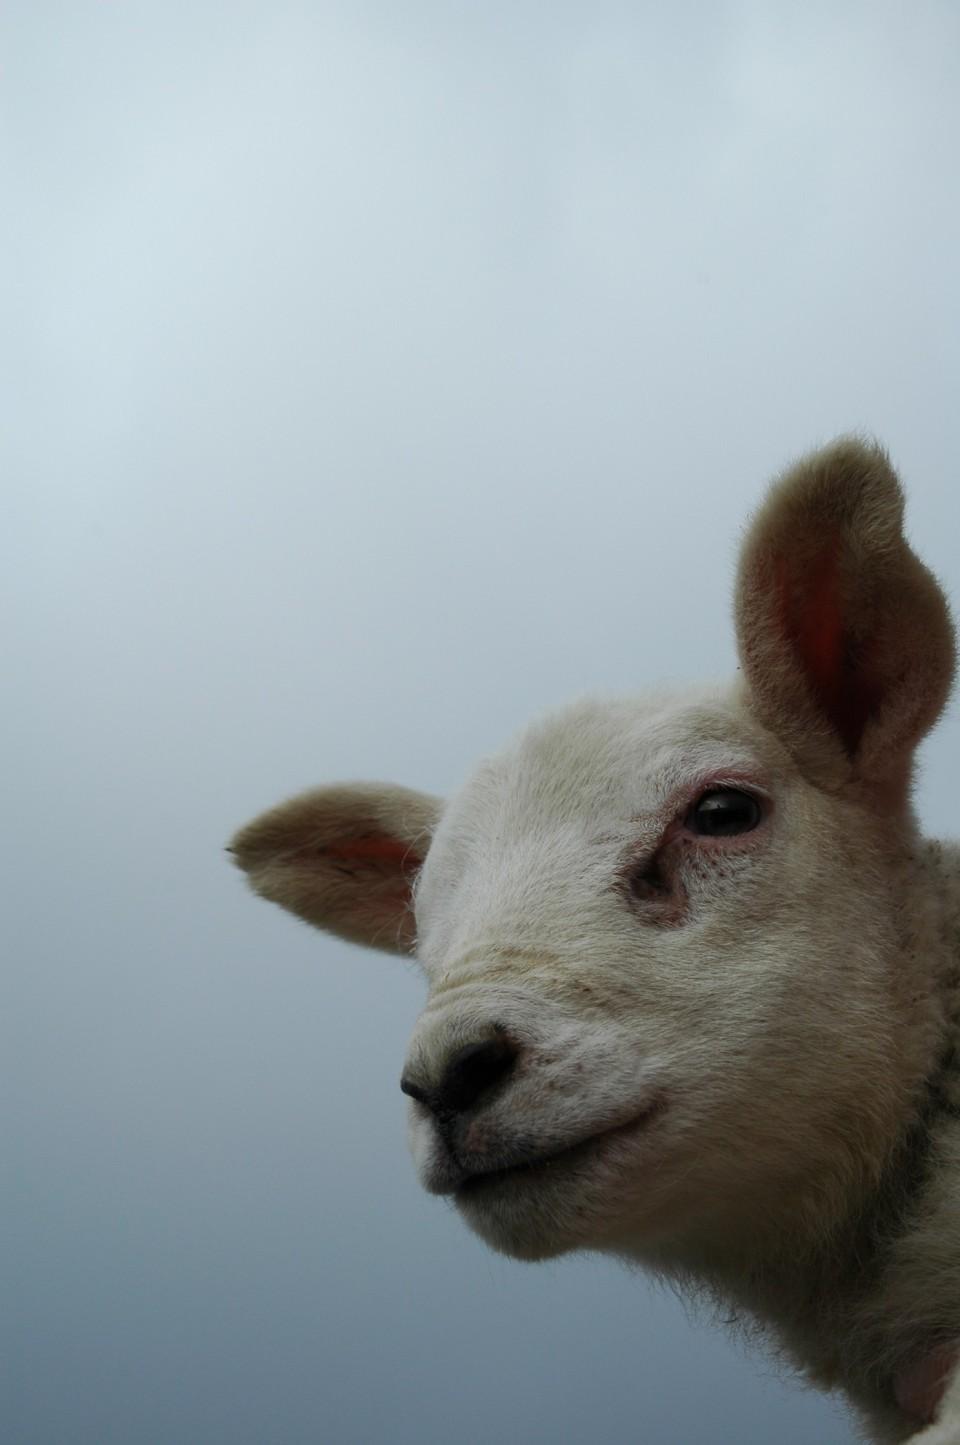 beaquoy lamb+sky